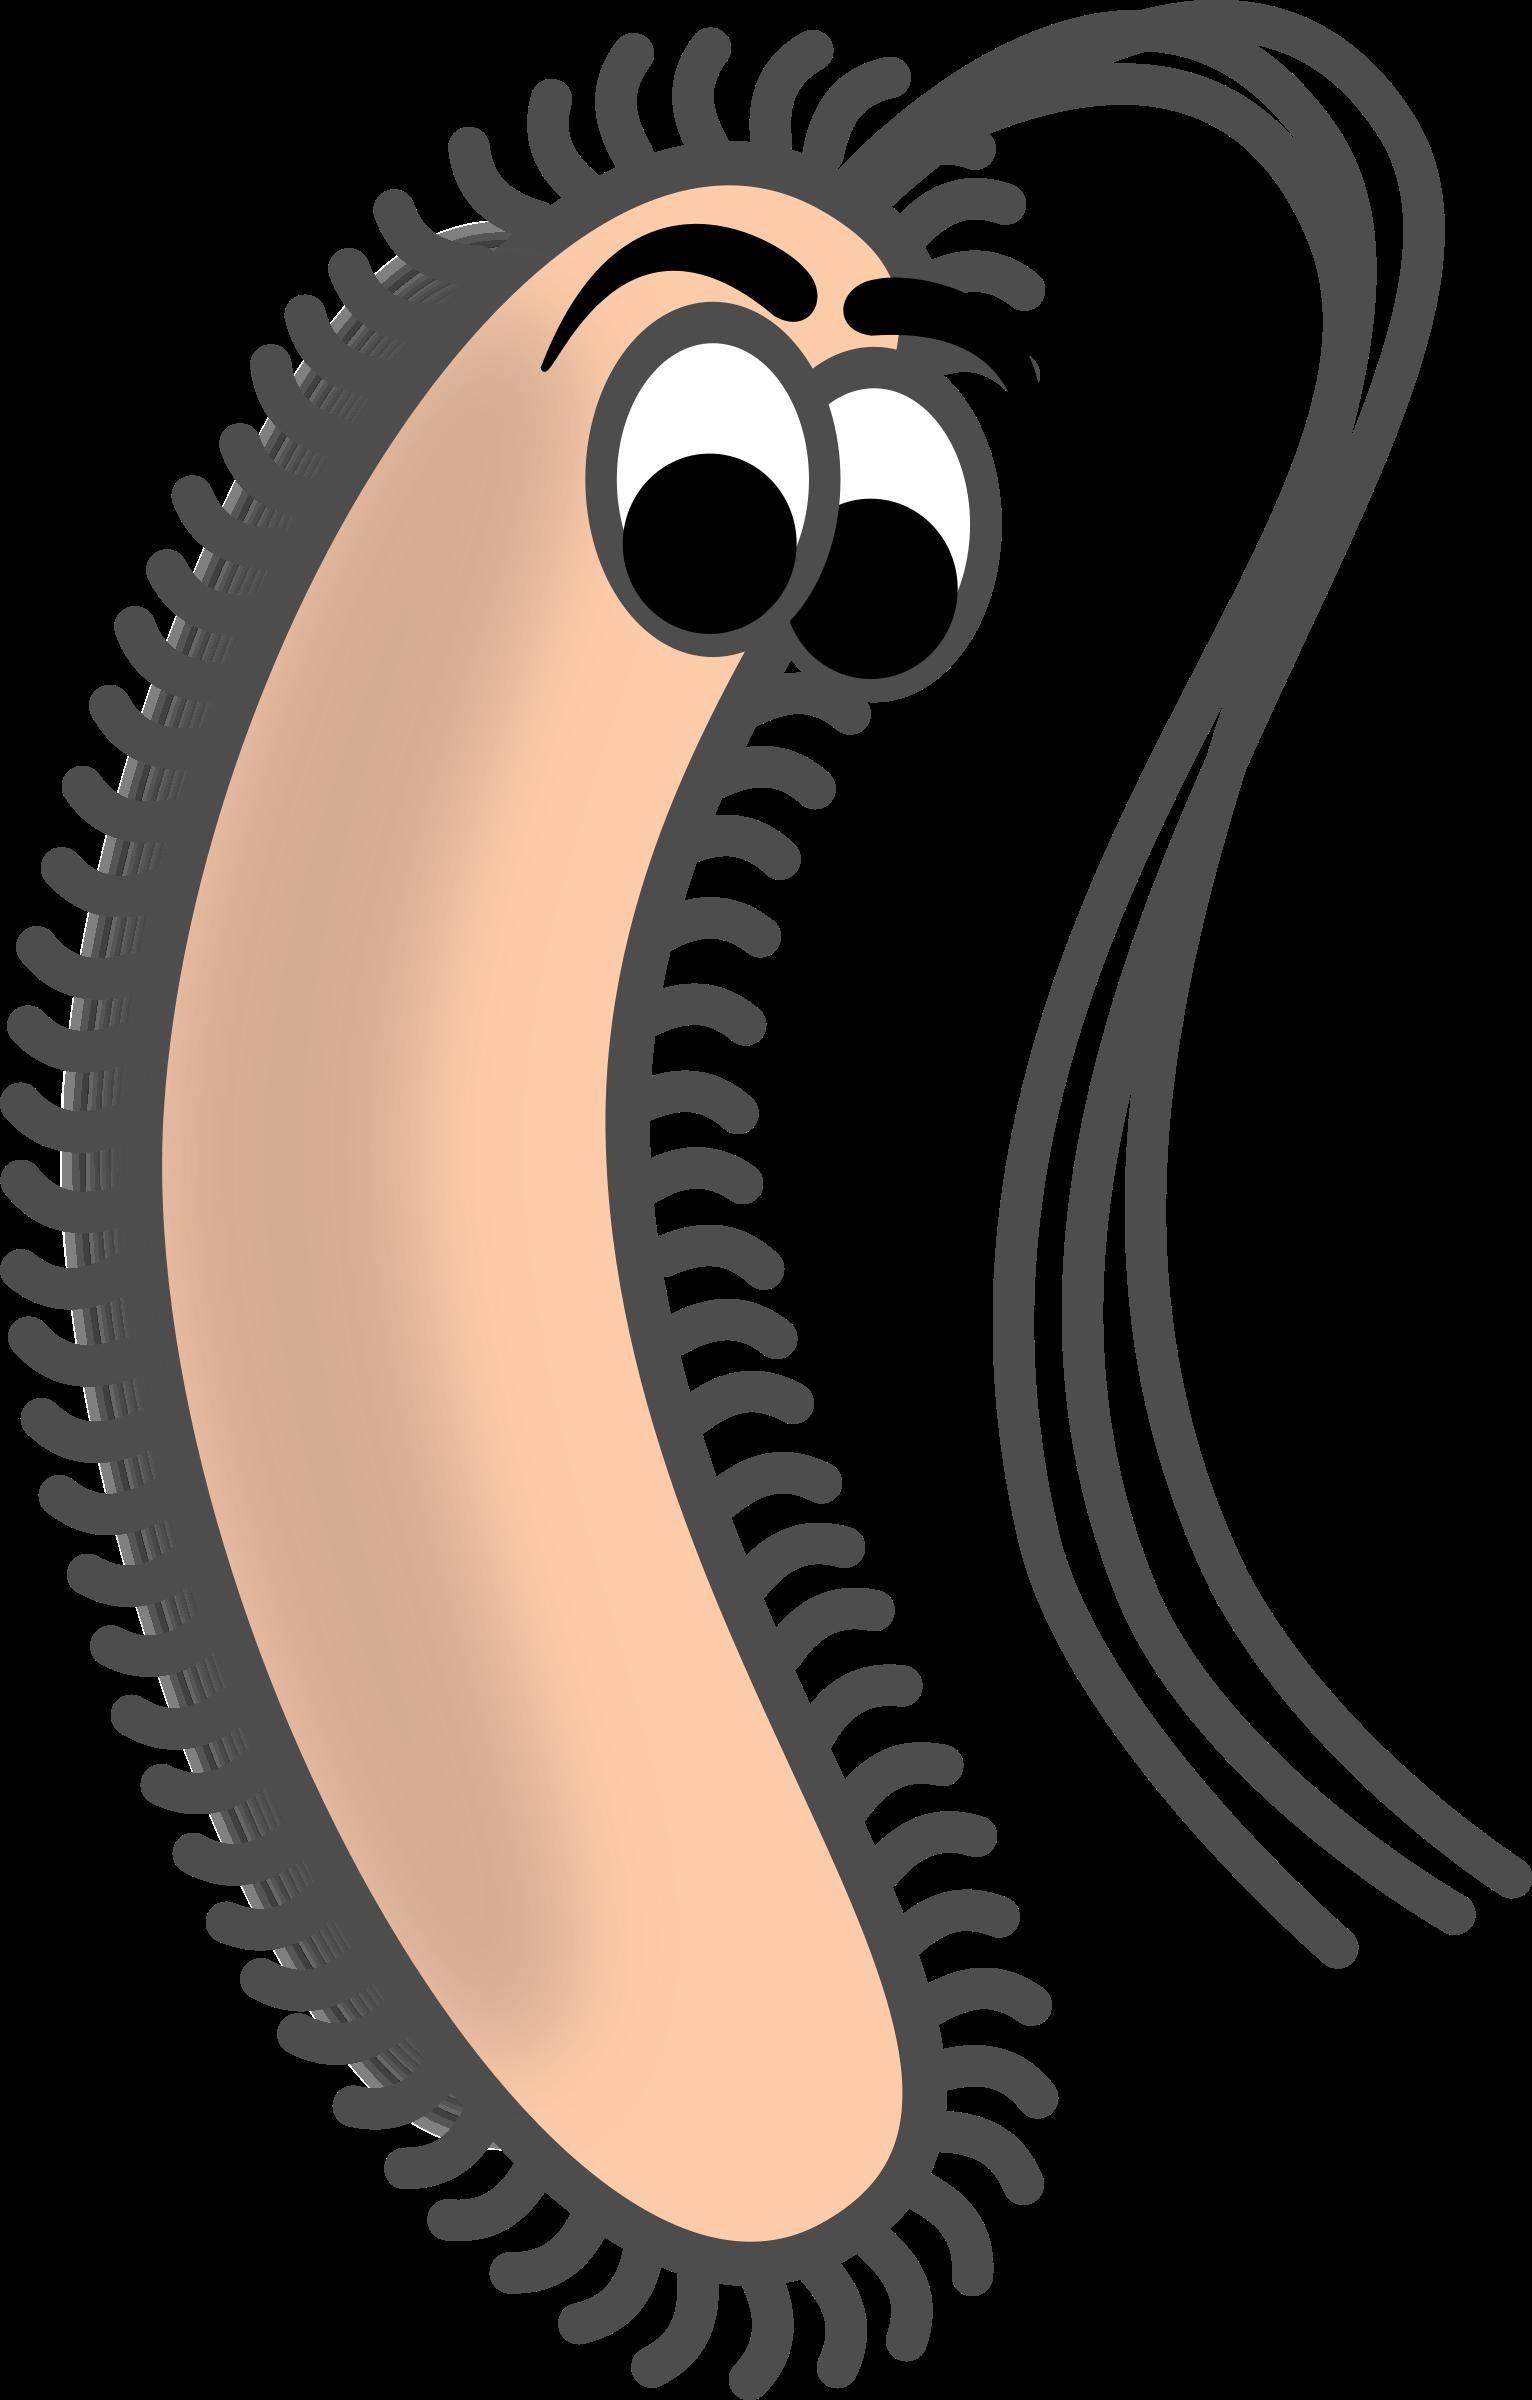 Bacteria clipart listeria. Funny bacillus big image